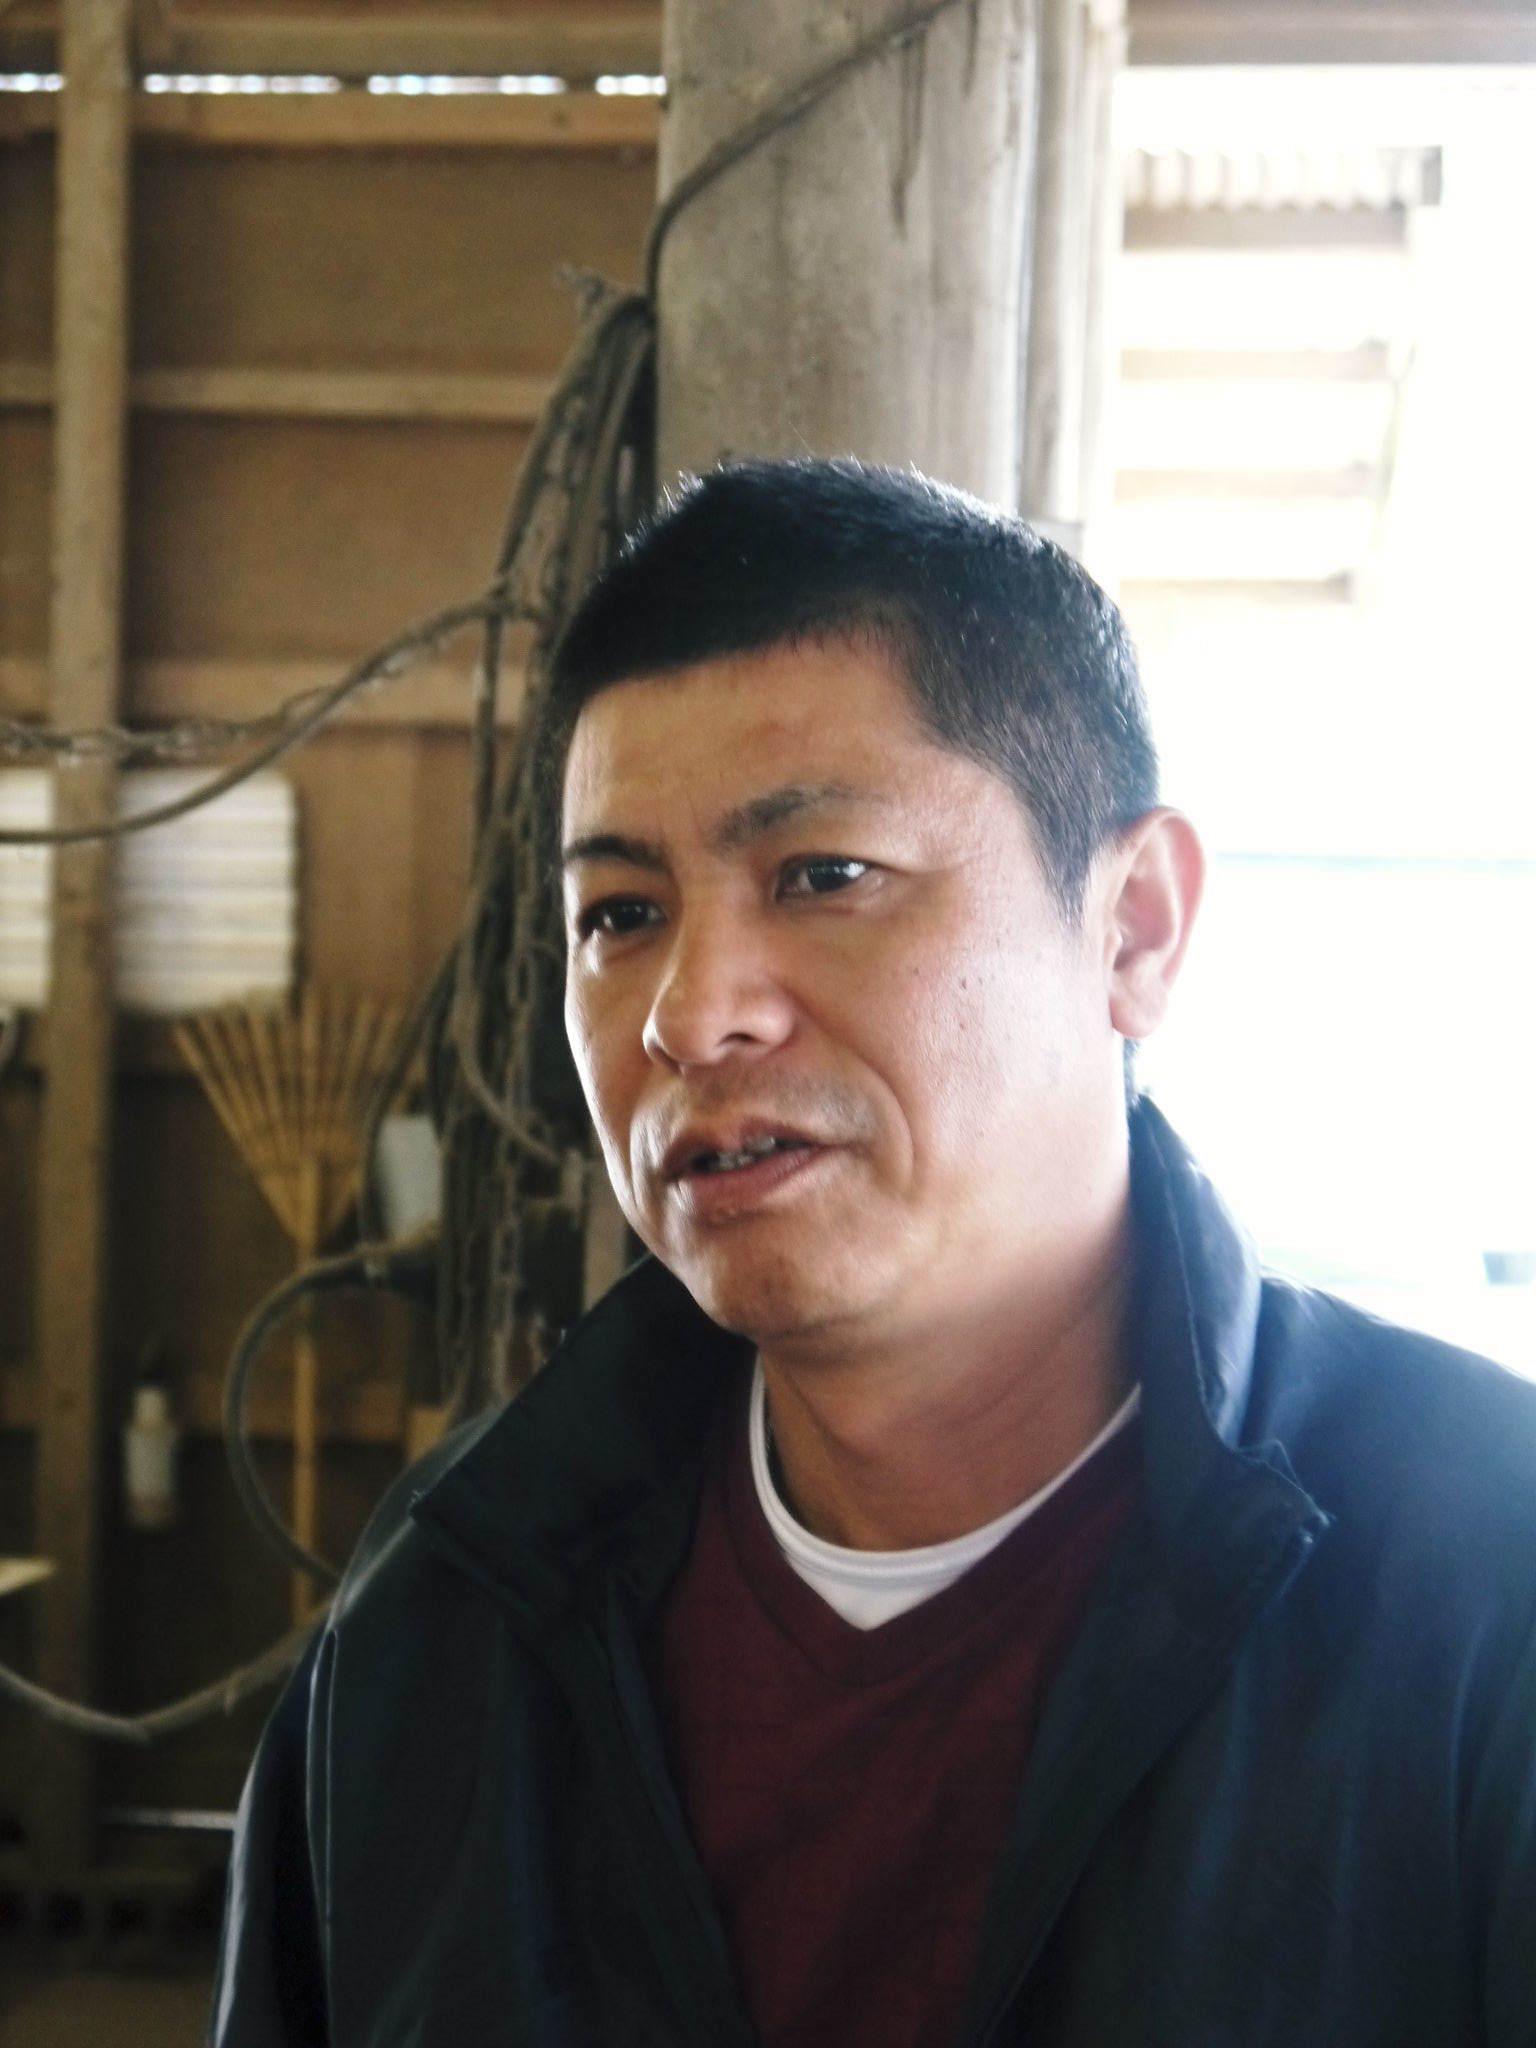 お待たせしました!熊本県産の黒毛和牛を100%のハンバーグステーキ!次回は8月20日(木)に出荷します!_a0254656_18390979.jpg